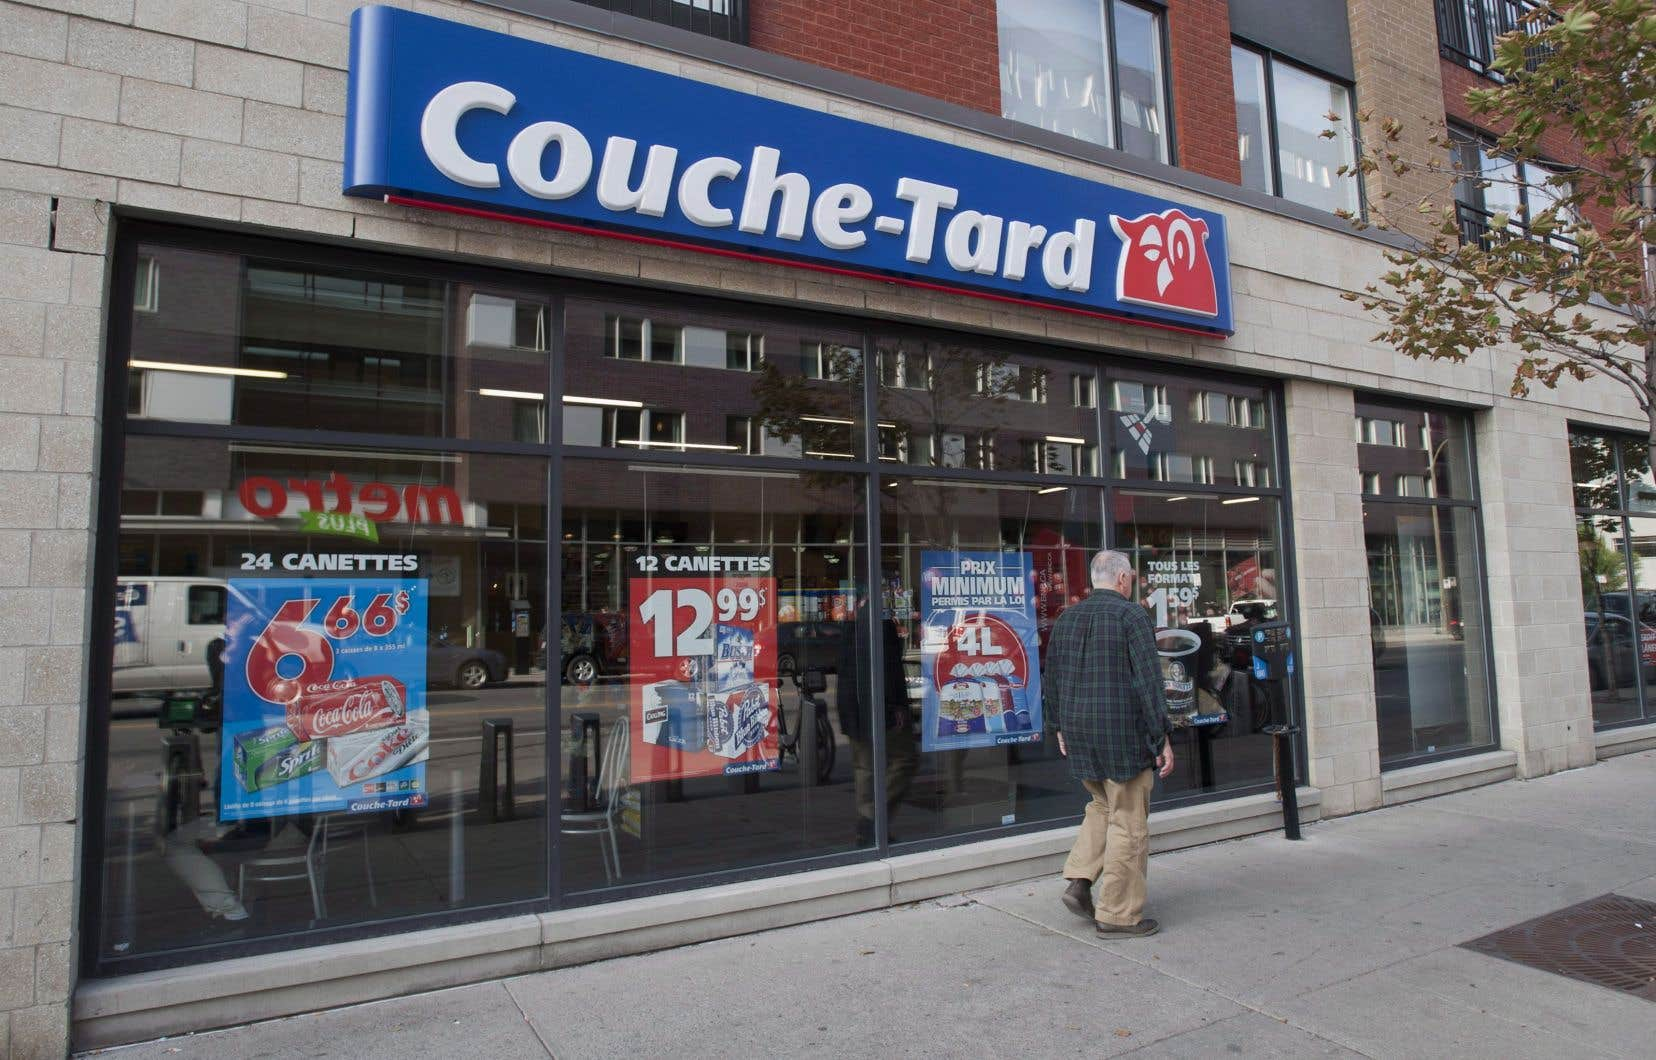 L'investissement initial de Couche-Tard lui donnera des droits sur 9,9% des actions de Fire&Flower, ainsi que la possibilité d'éventuellement augmenter sa participation à 50,1%.